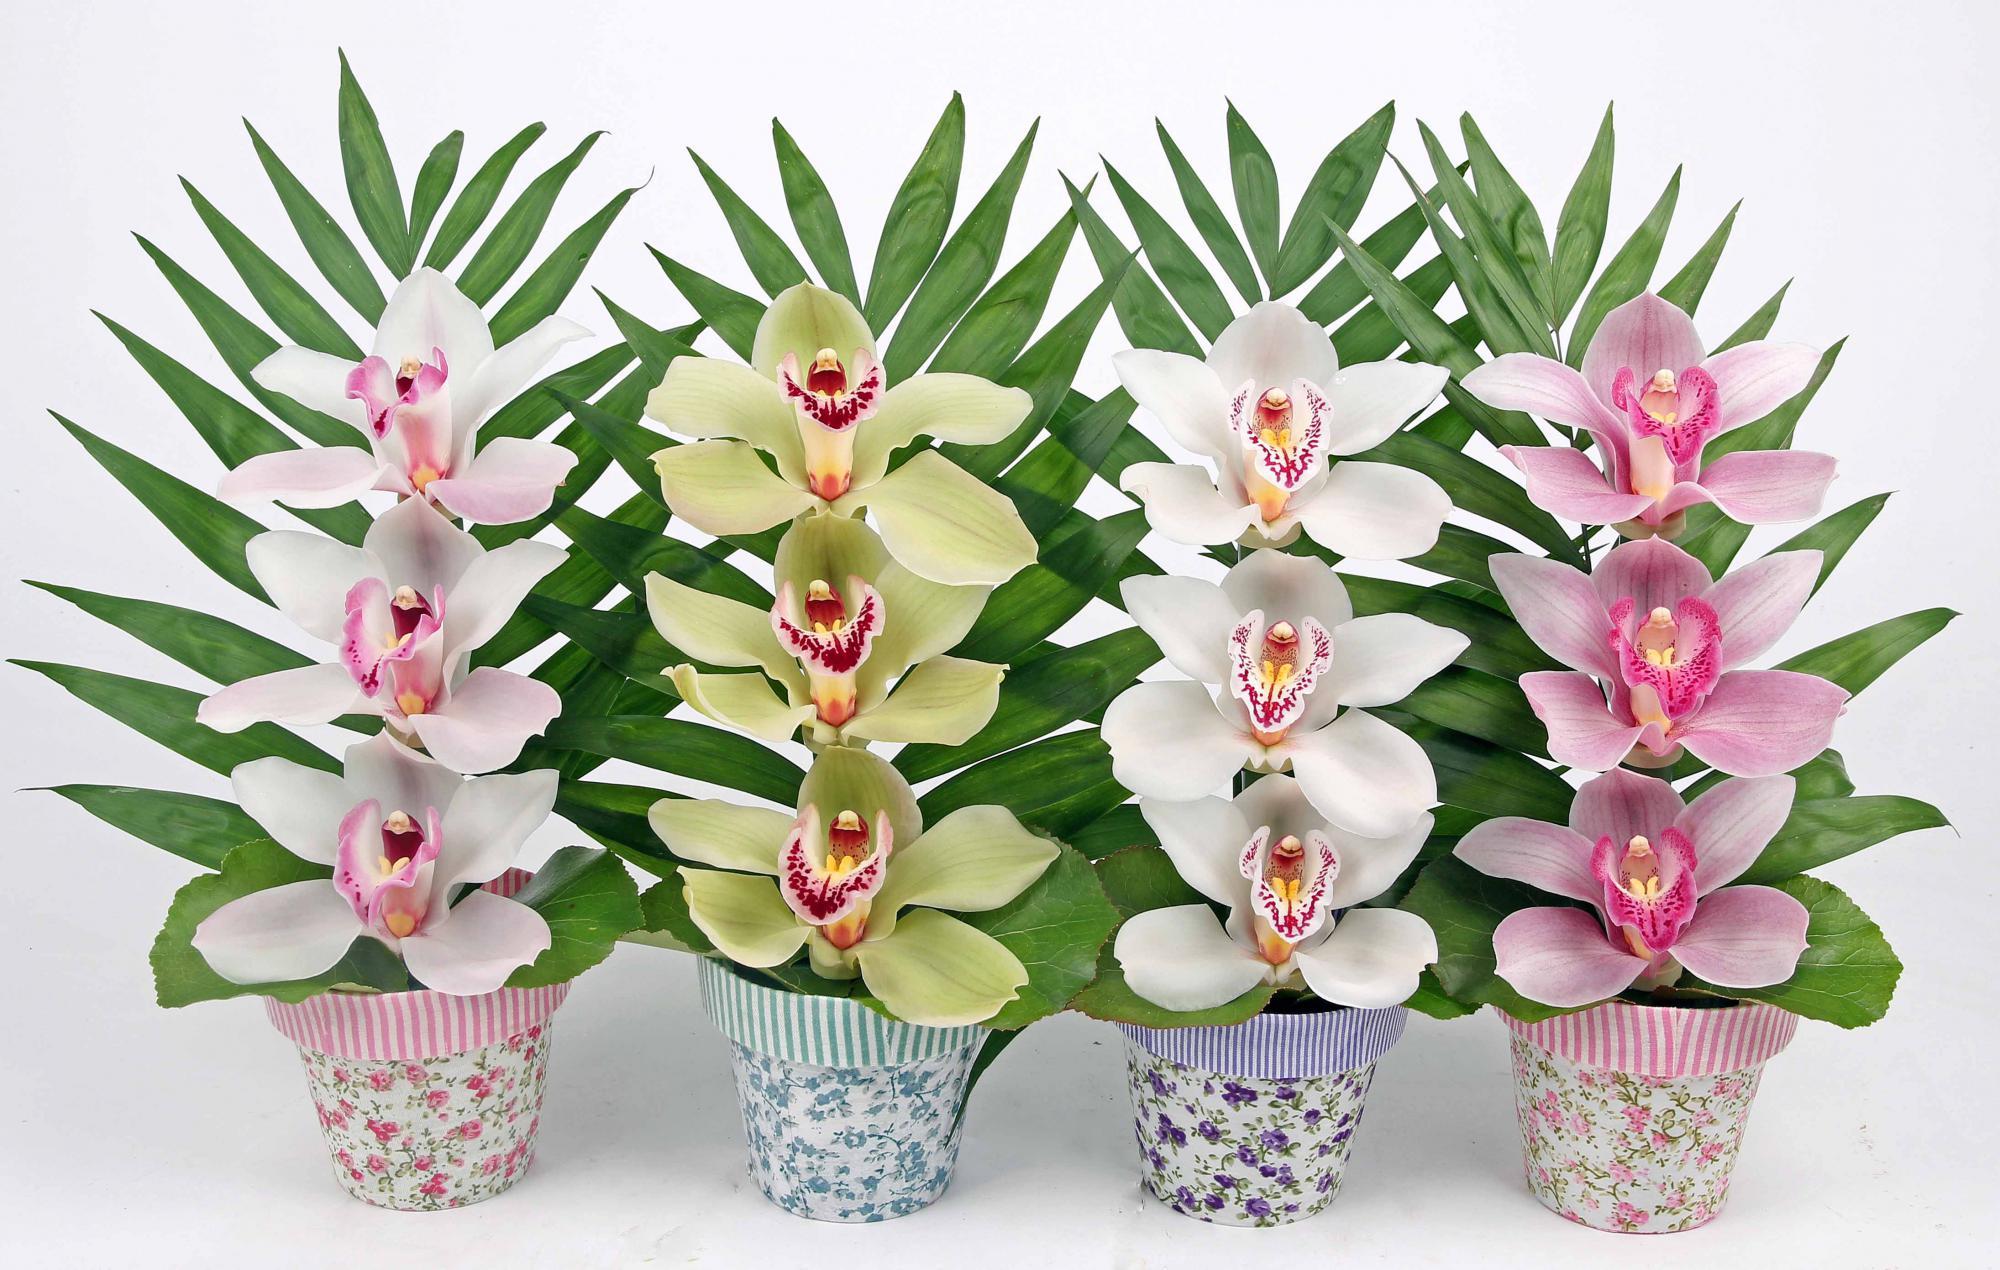 Bloempotje met 3 orchideeën